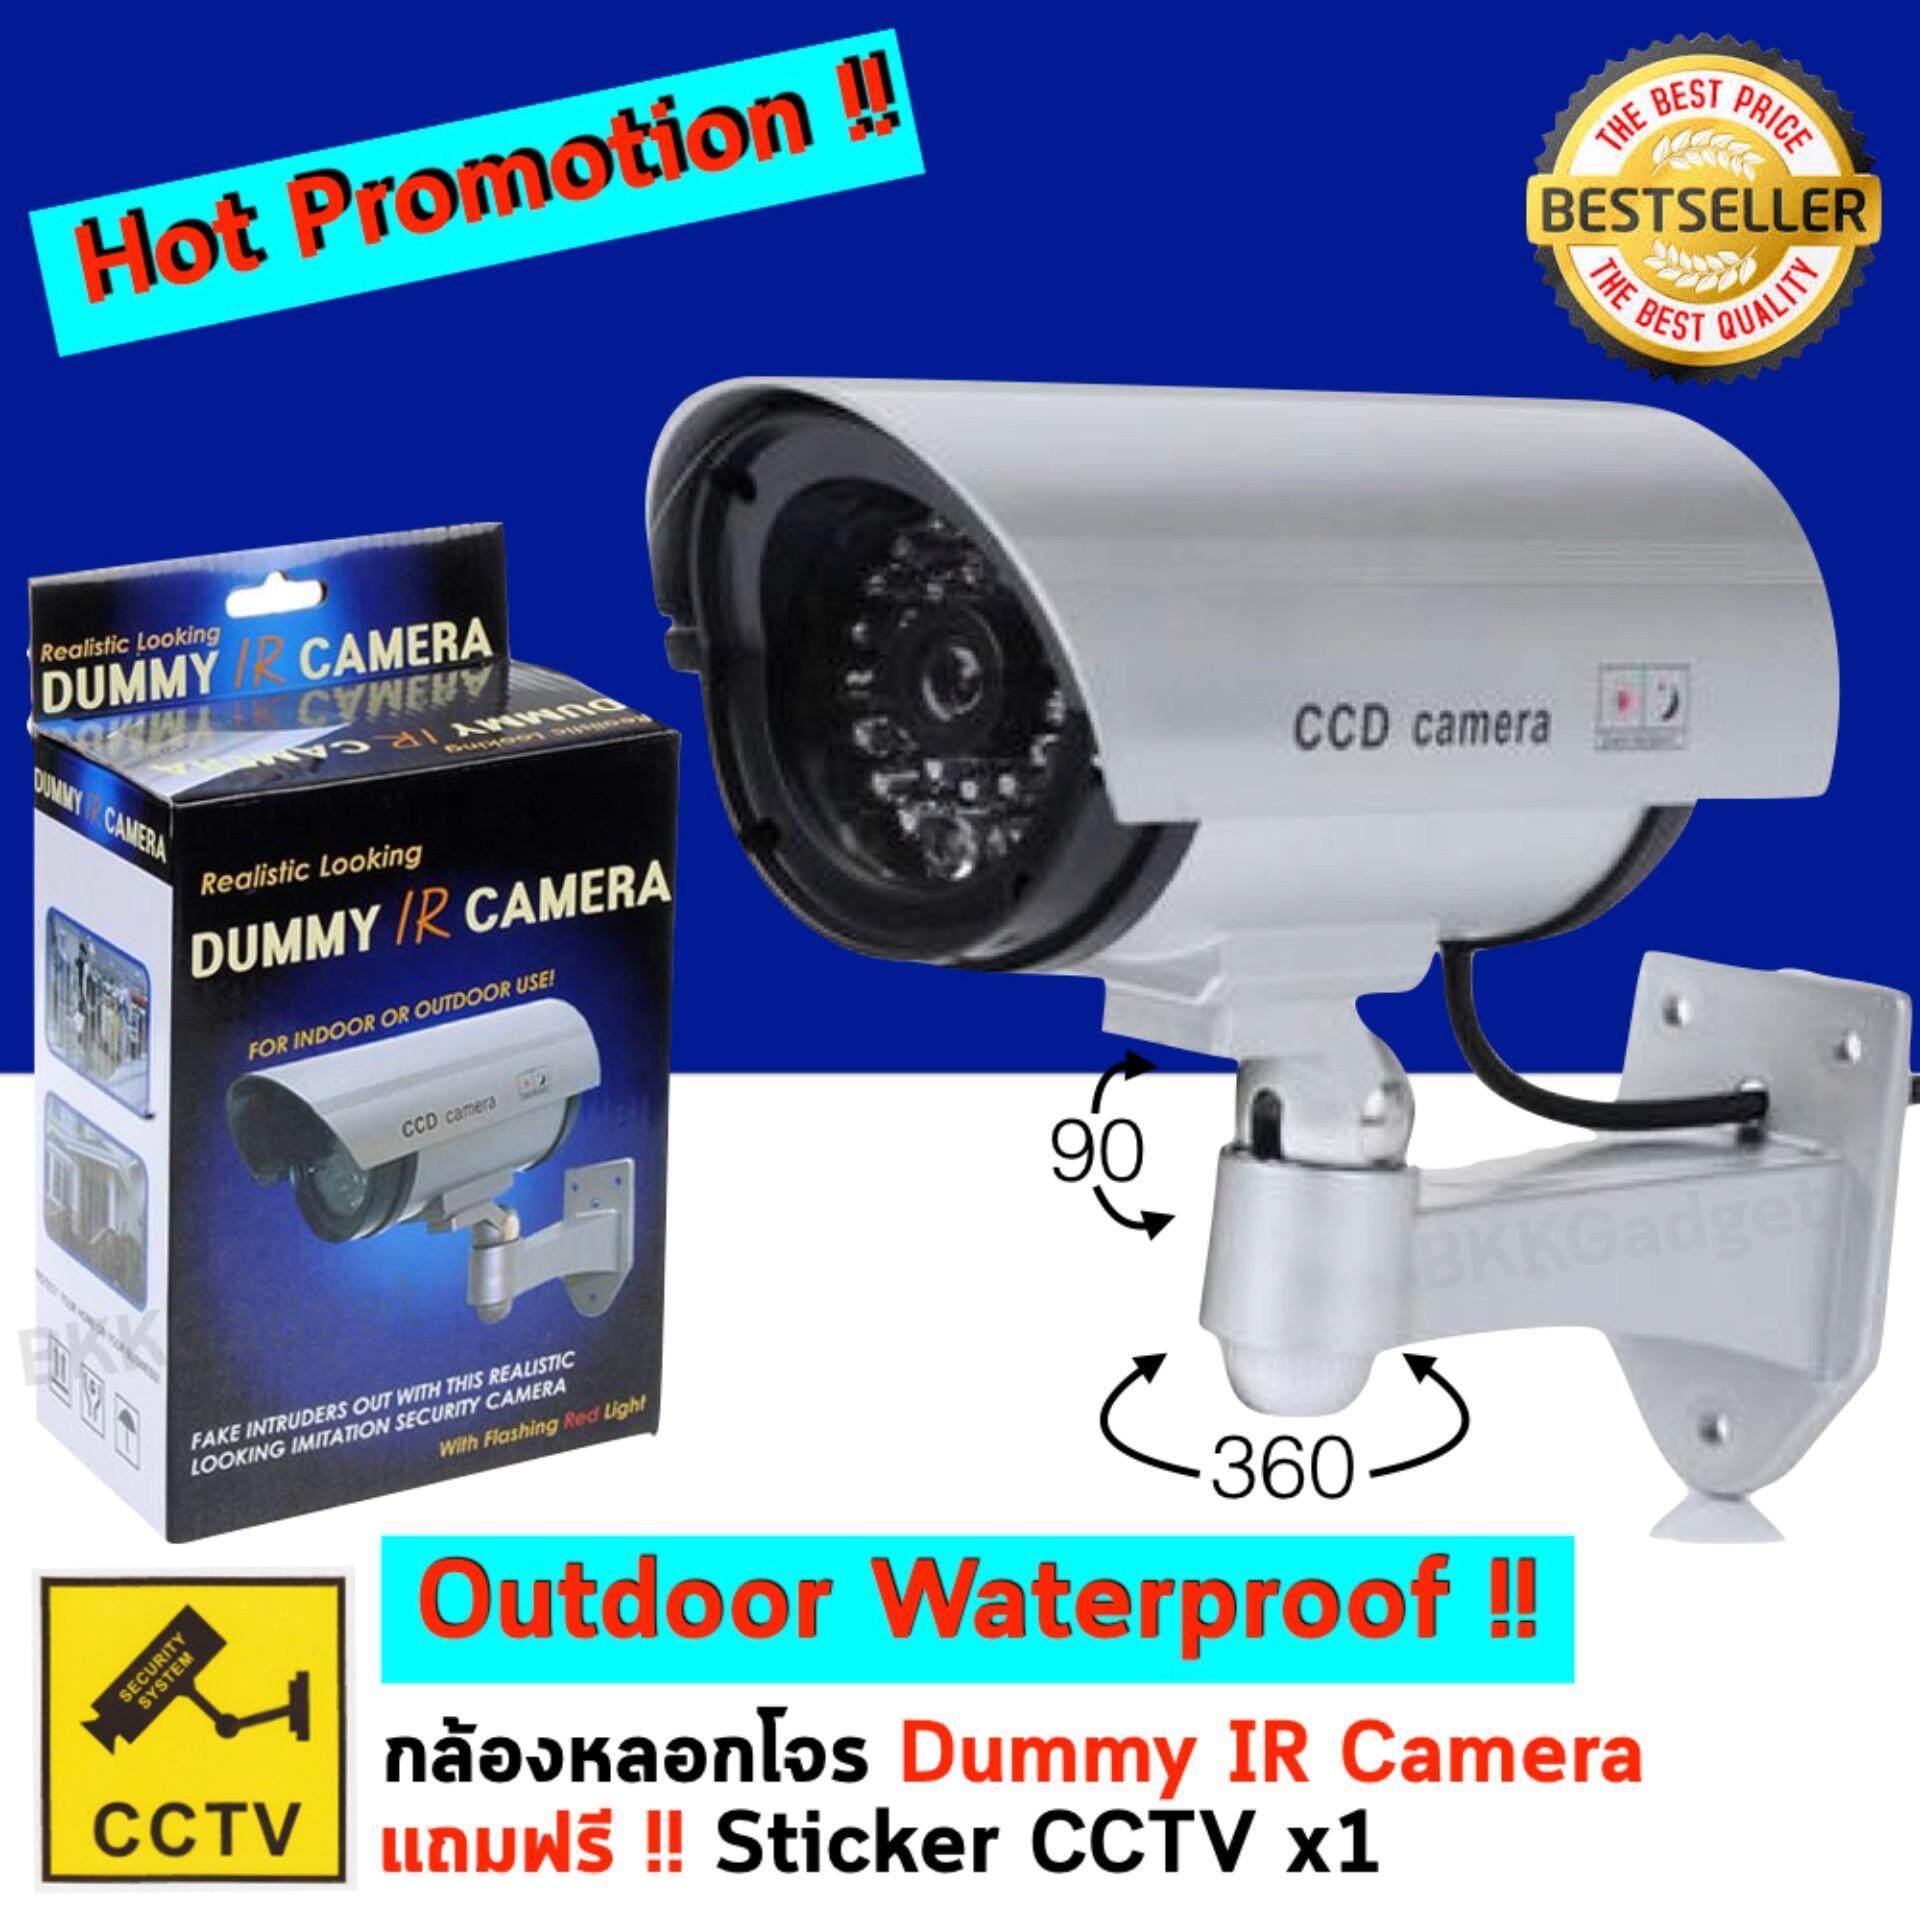 Dummy Camera กล้องดัมมี่ กล้องหลอกโจร กล้องวงจรปิดปลอม สีเทา (สำหรับติดหลอกโจรขโมย ภายนอกอาคาร)